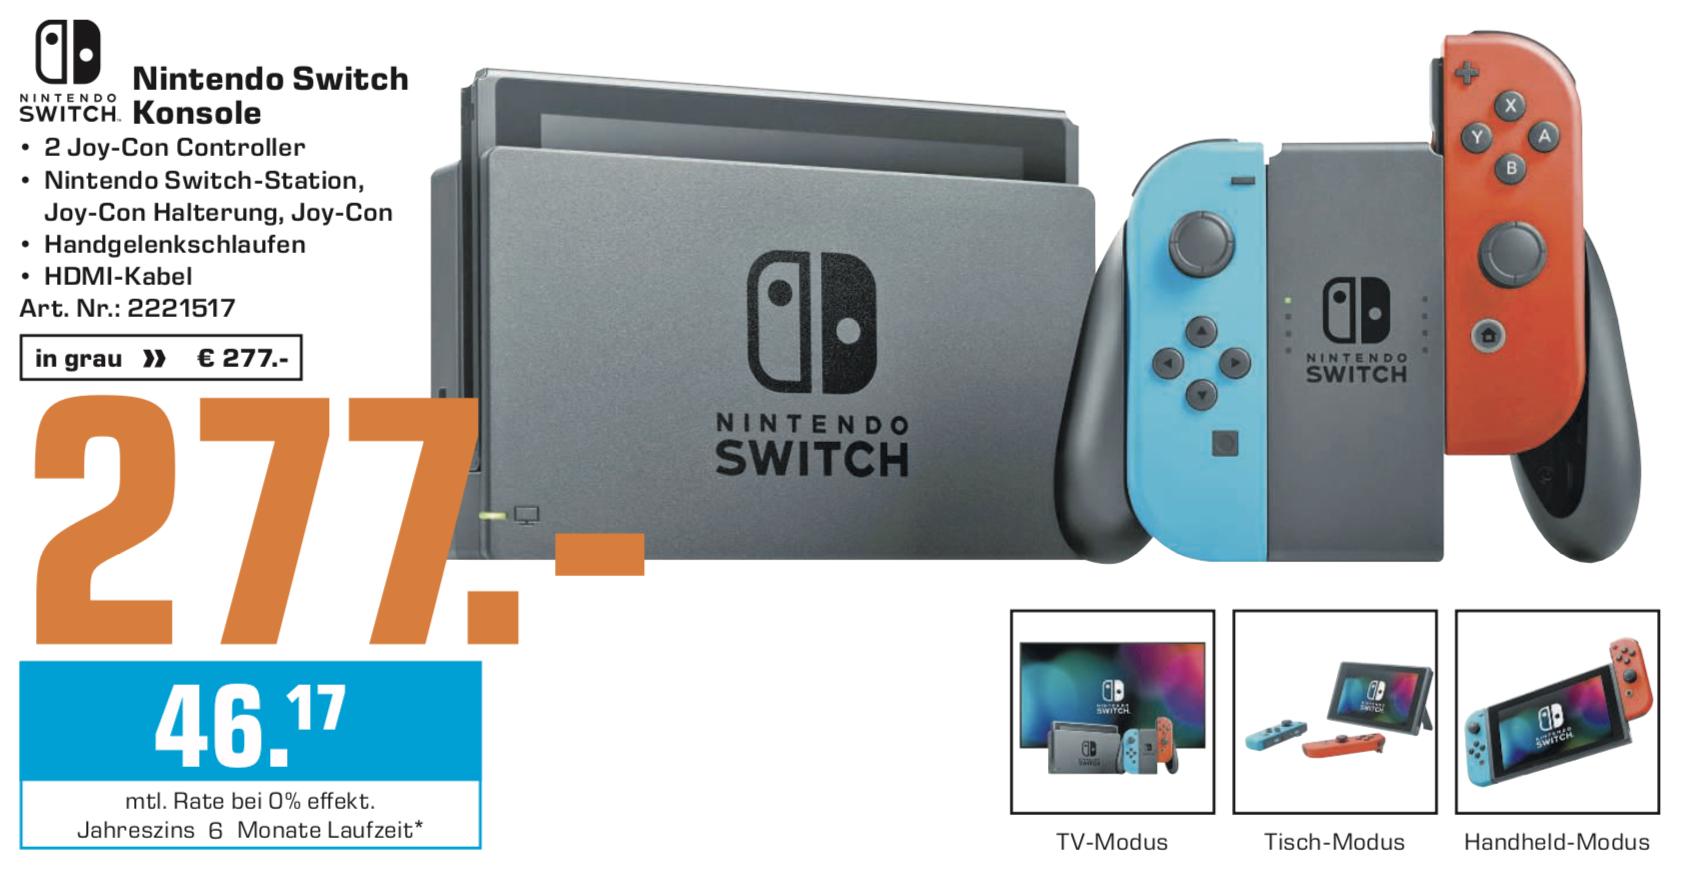 Nintendo Switch Konsole für 277€ - Grand Theft Auto für 12€, Anno 1800 PC für 44€ - Lokal SATURN Weiterstadt, Bad Homburg, Darmstadt, Hanau